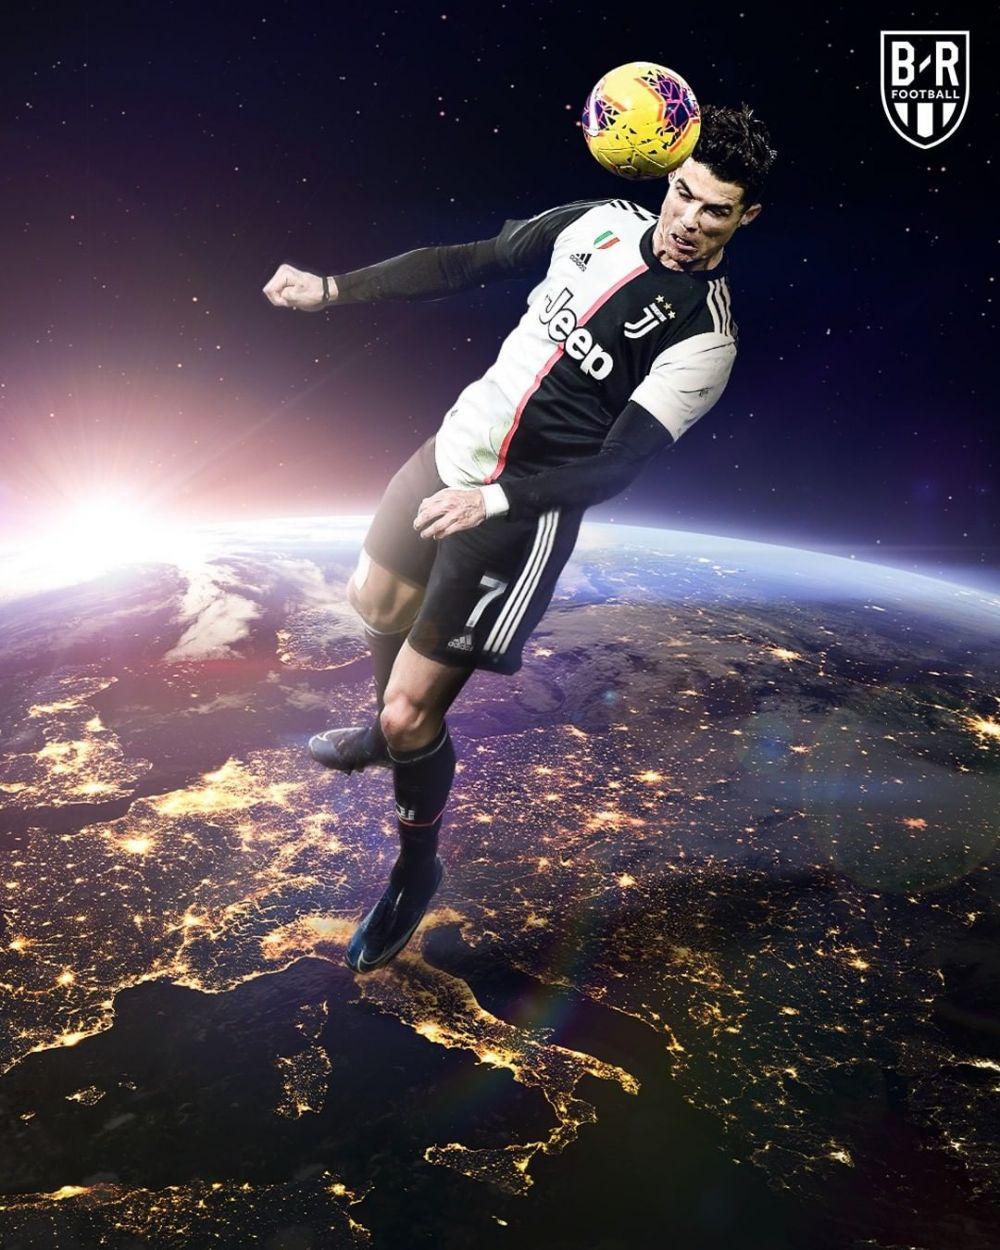 meme lucu lompatan fantastis ronaldo © berbagai sumber